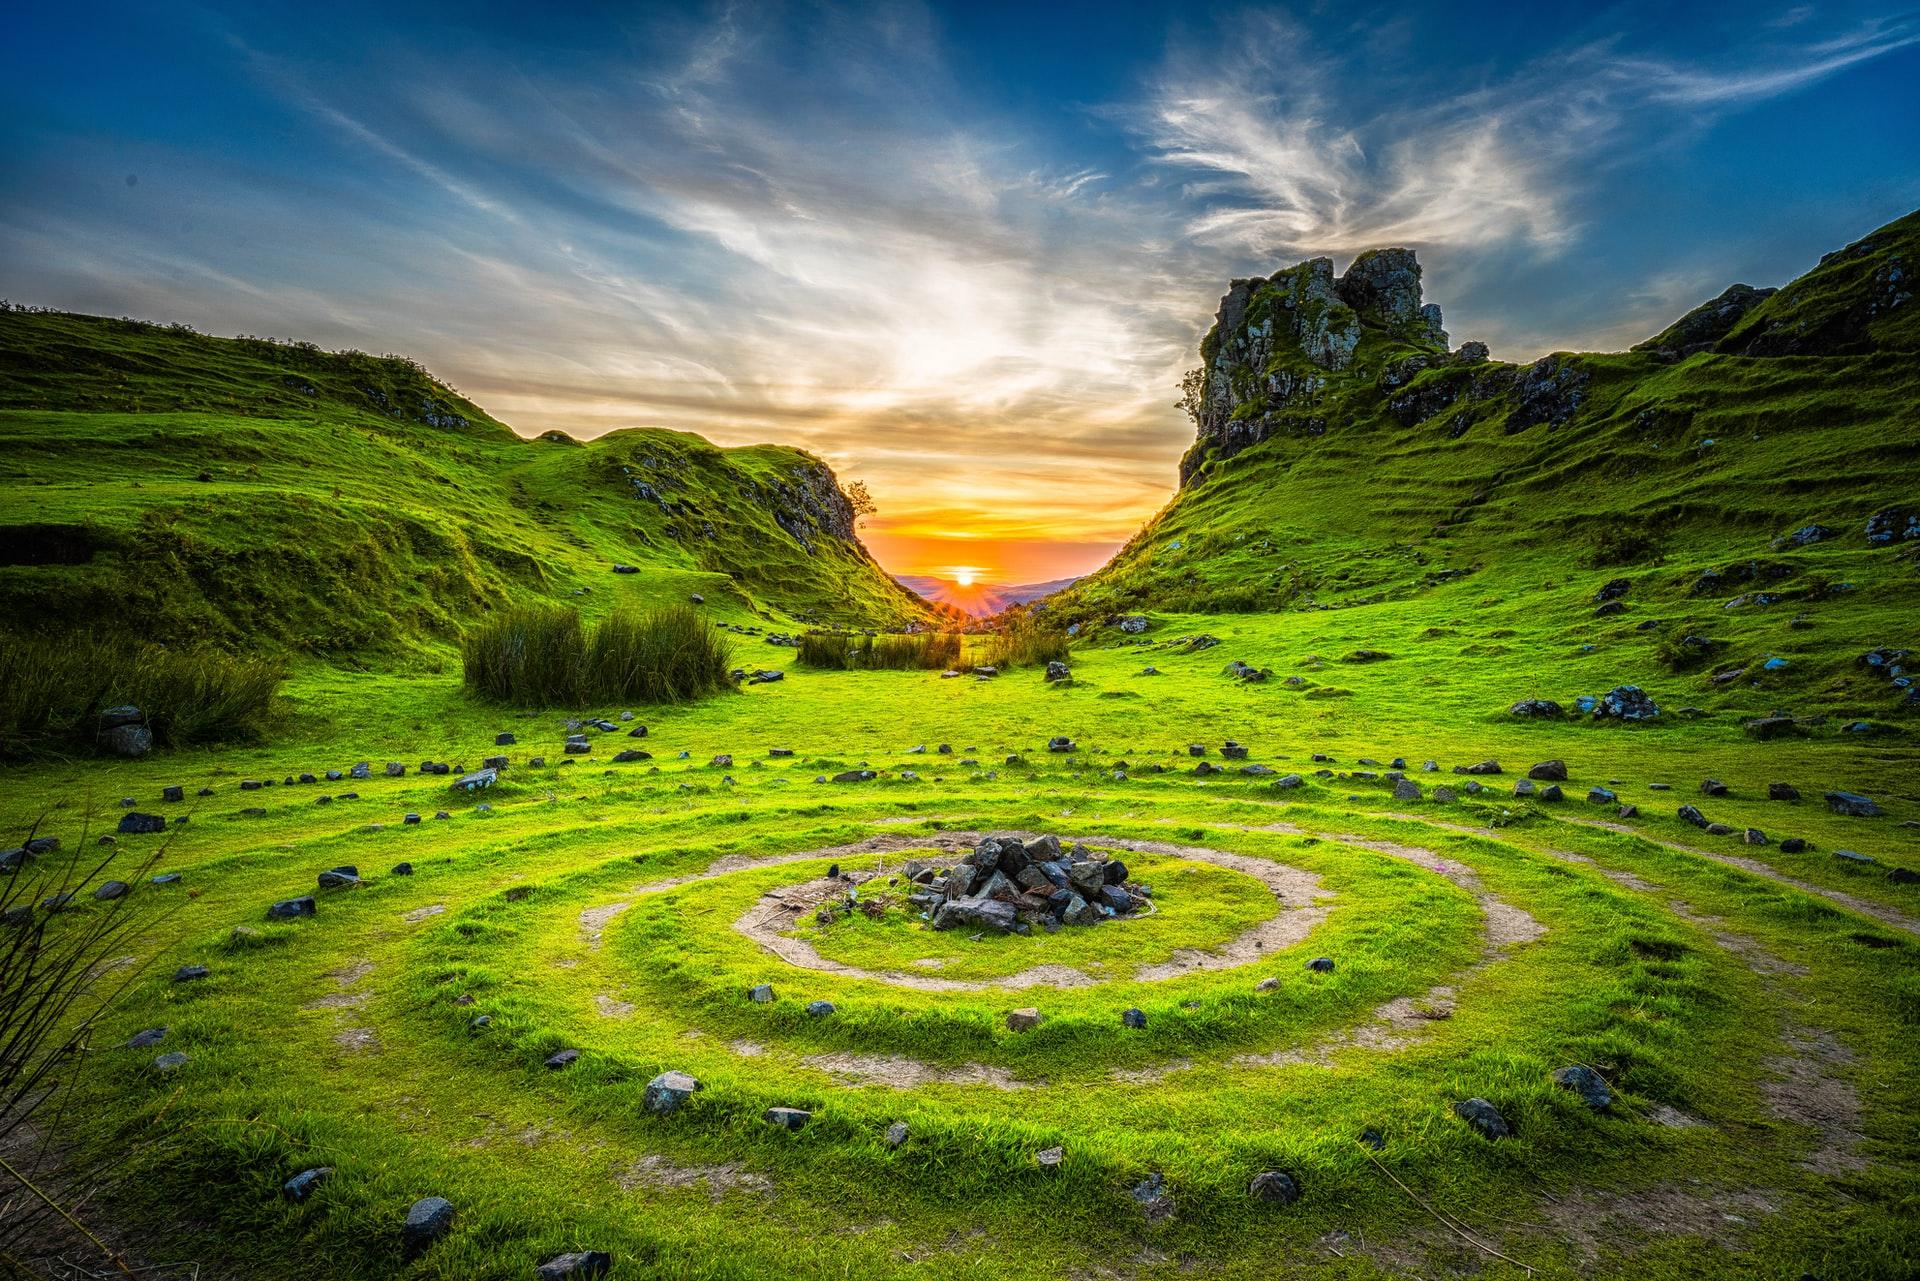 grüne Rasenkreise in Tal mit Sonnenaufgang in der Ferne